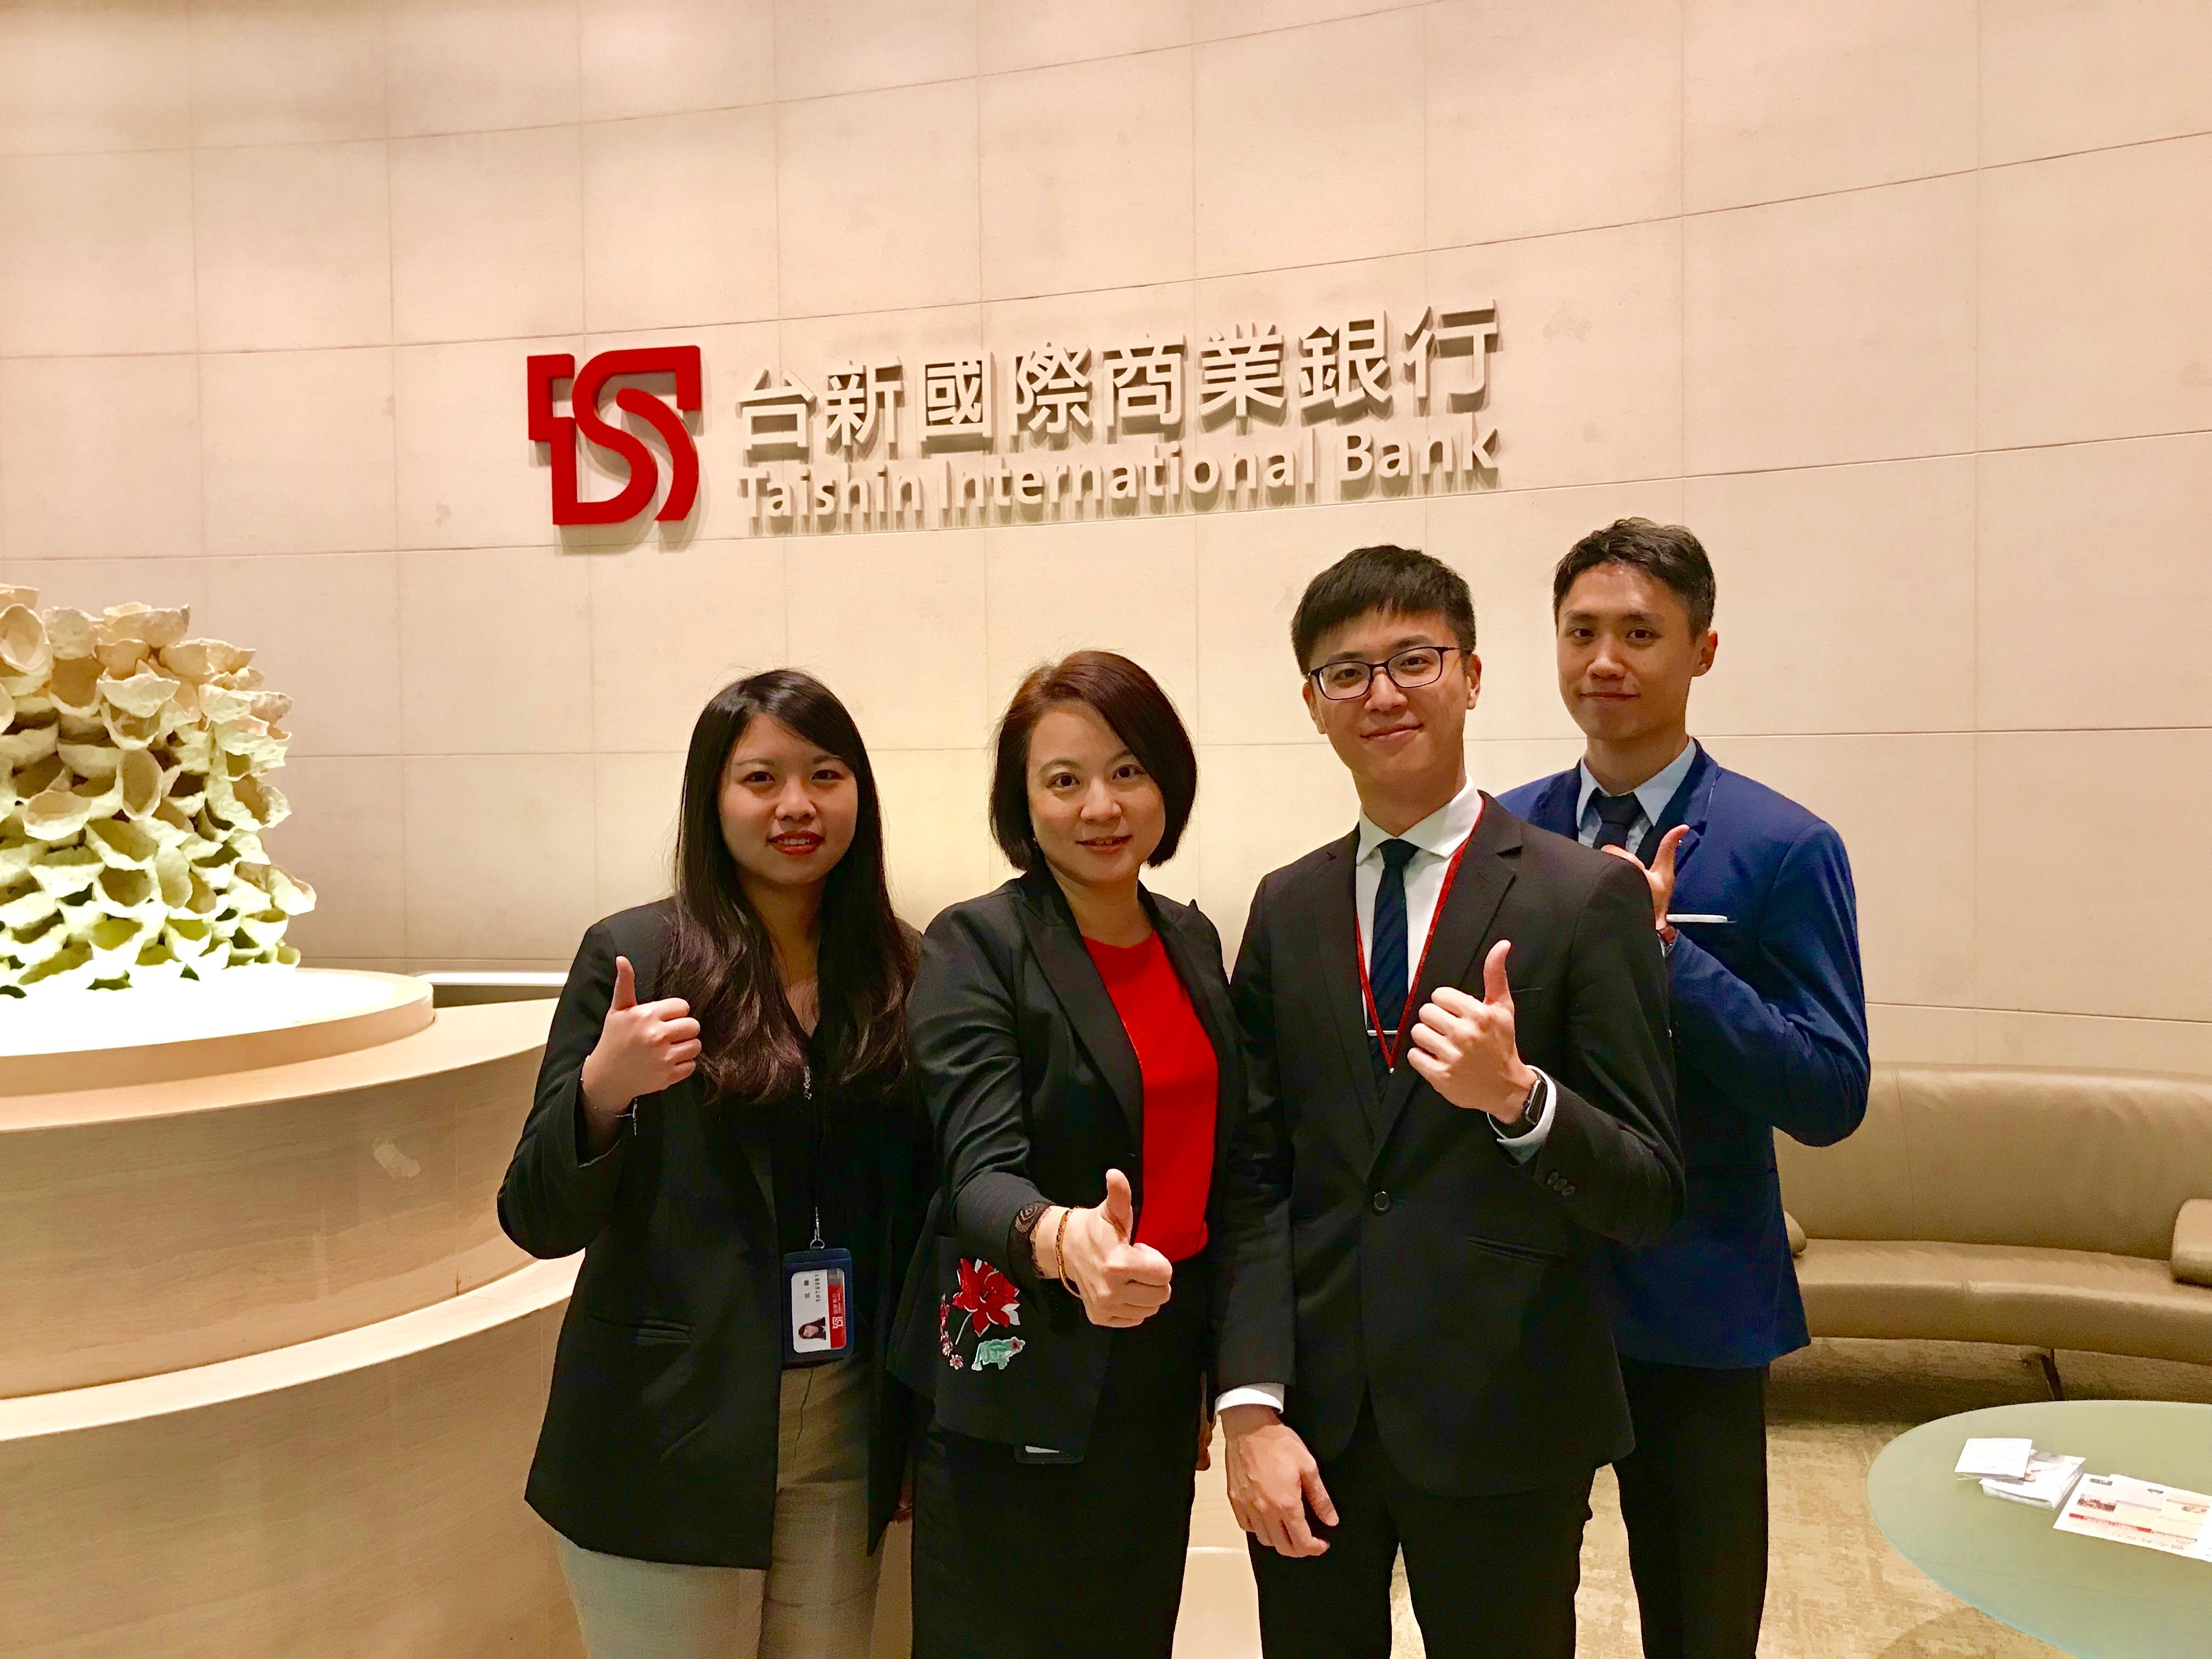 台新銀行人力資源處經理廖純綺(左二)與人資部團隊共同合影。